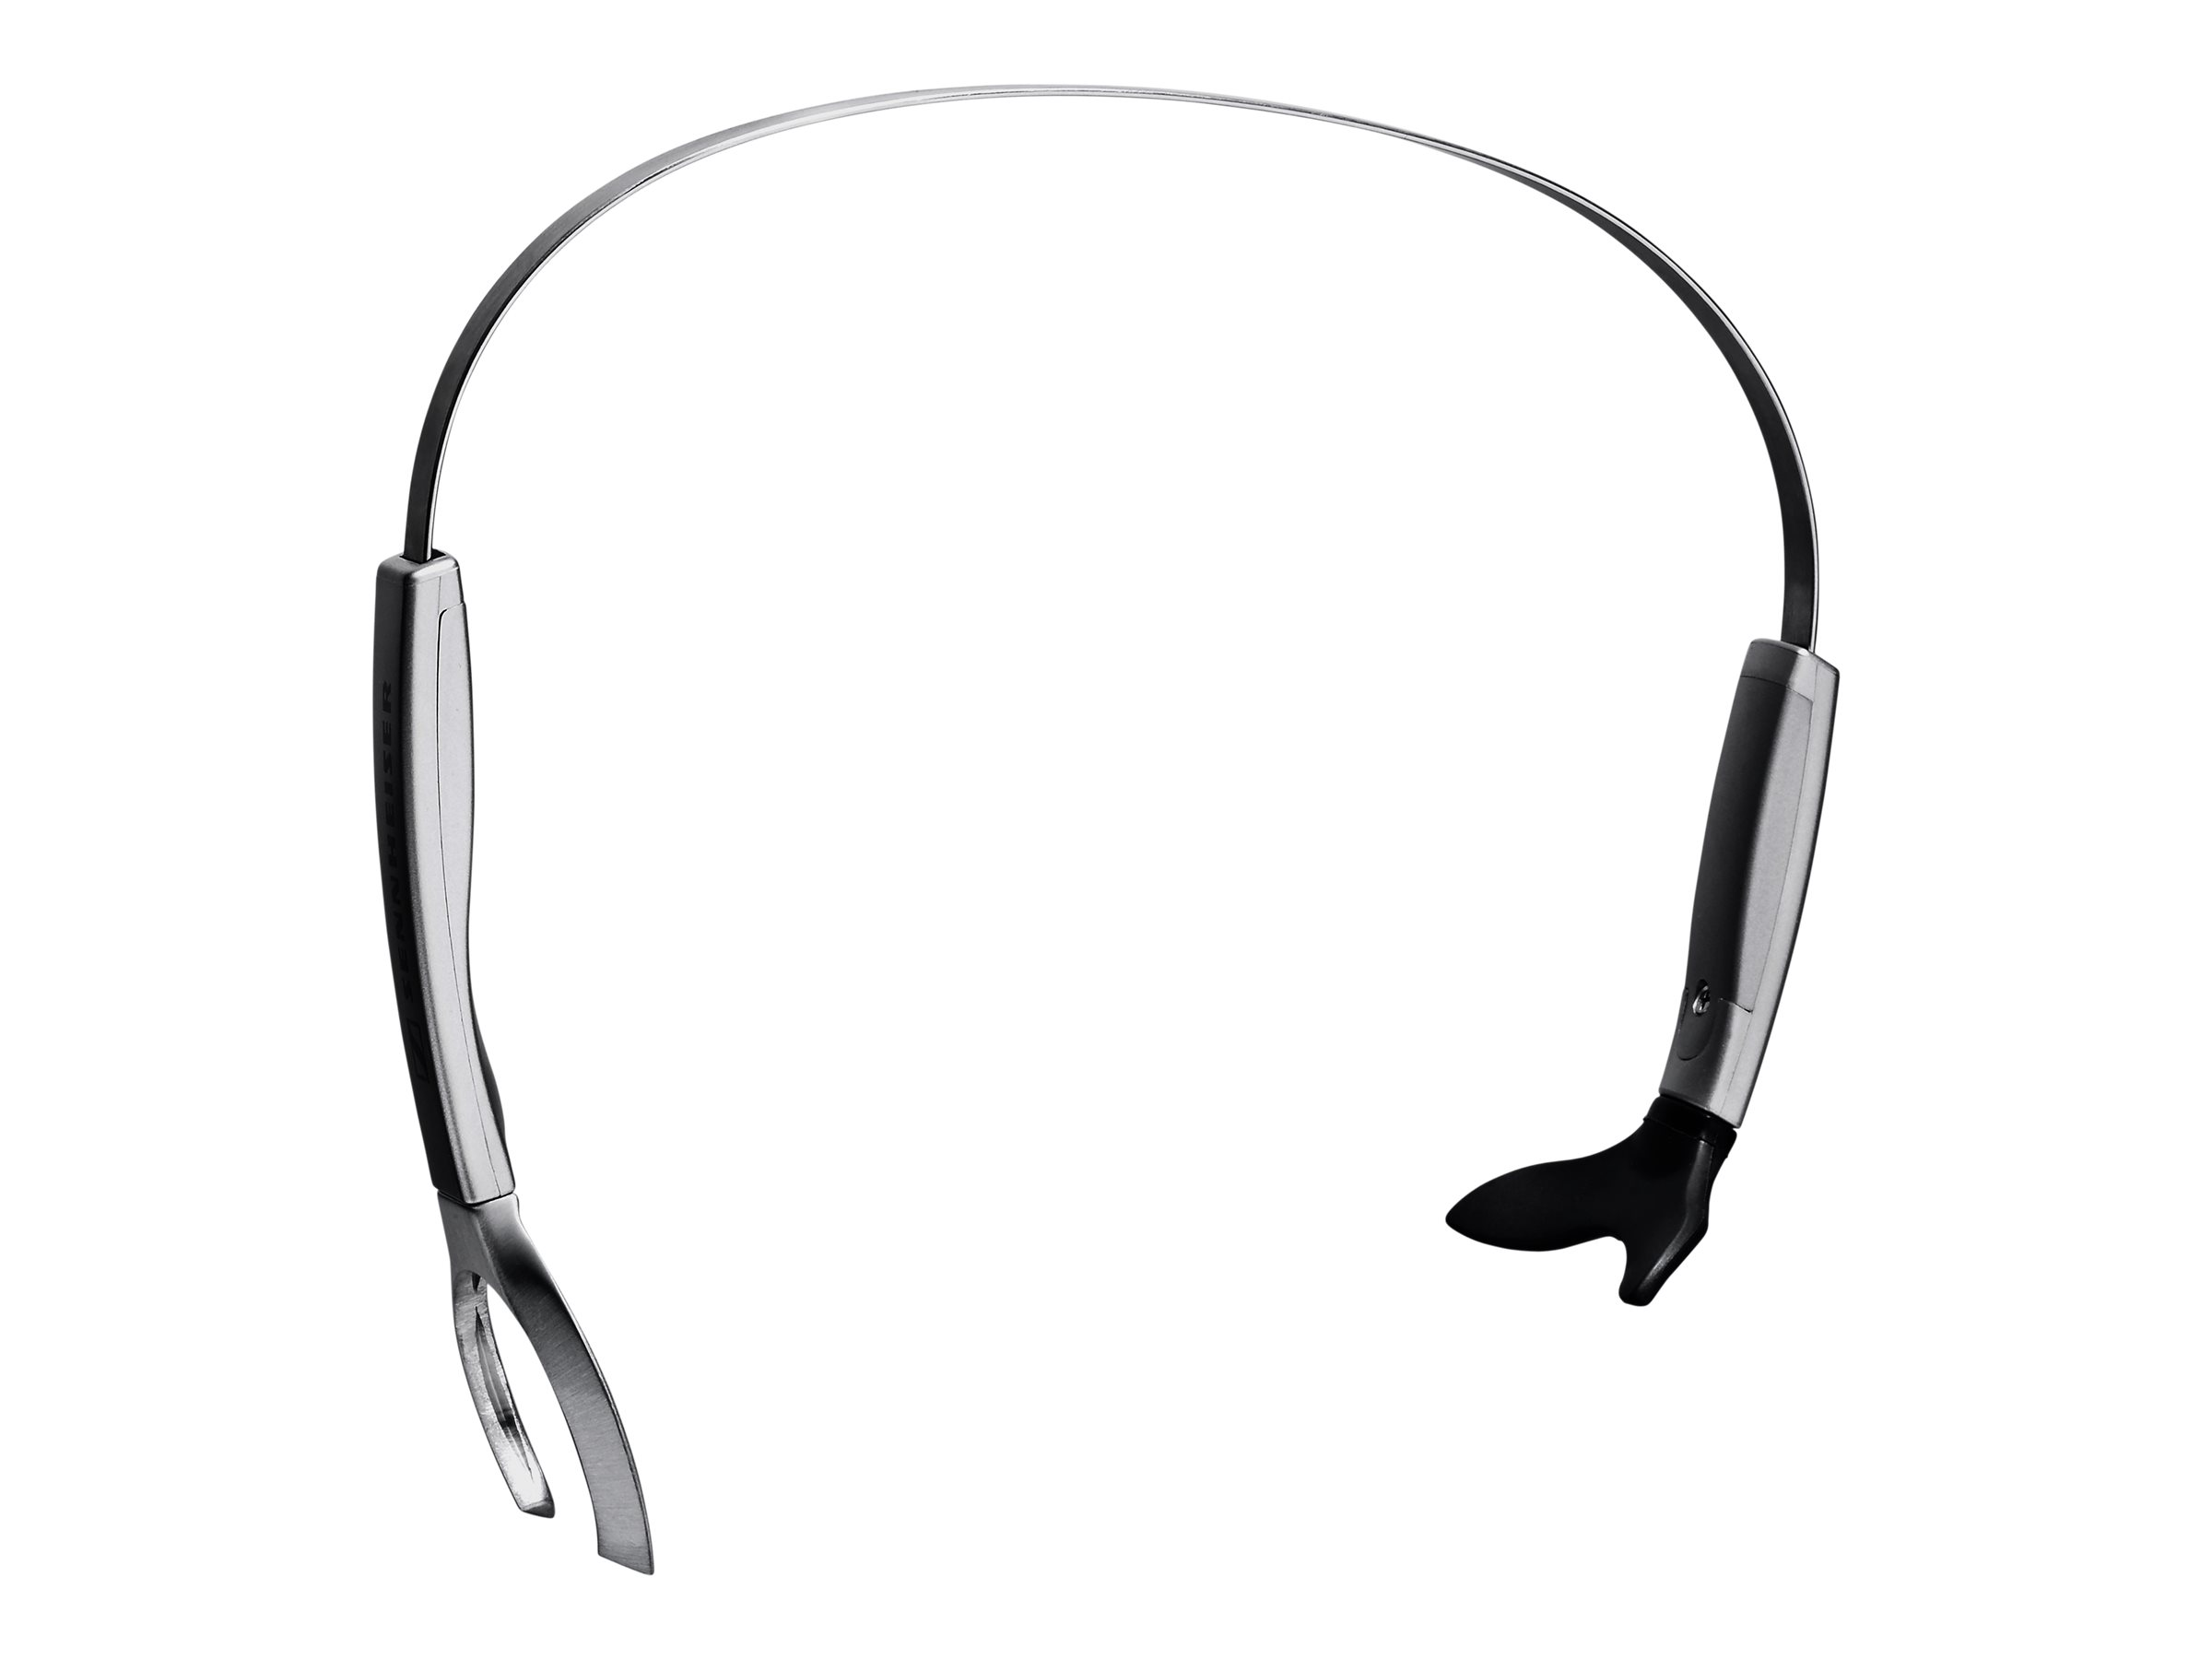 EPOS I SENNHEISER SHS 01 - Kopfbügel für Headset - für Sennheiser MB 50; SH 230, 320, 330, 340